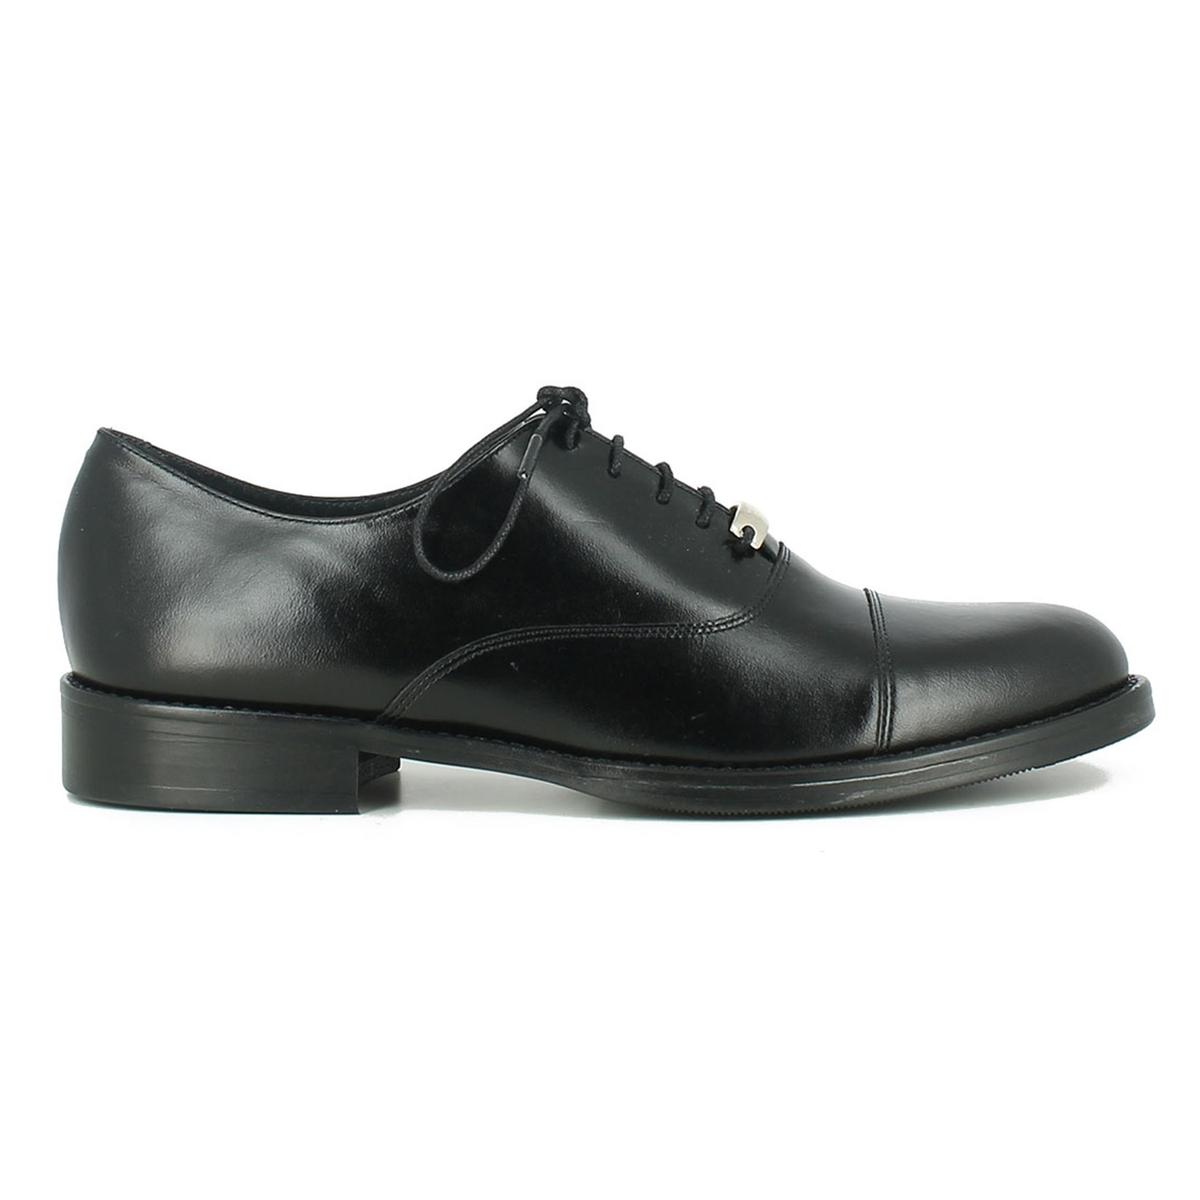 Ботинки-дерби из кожи Deegan ботинки дерби из кожи raisie arlie